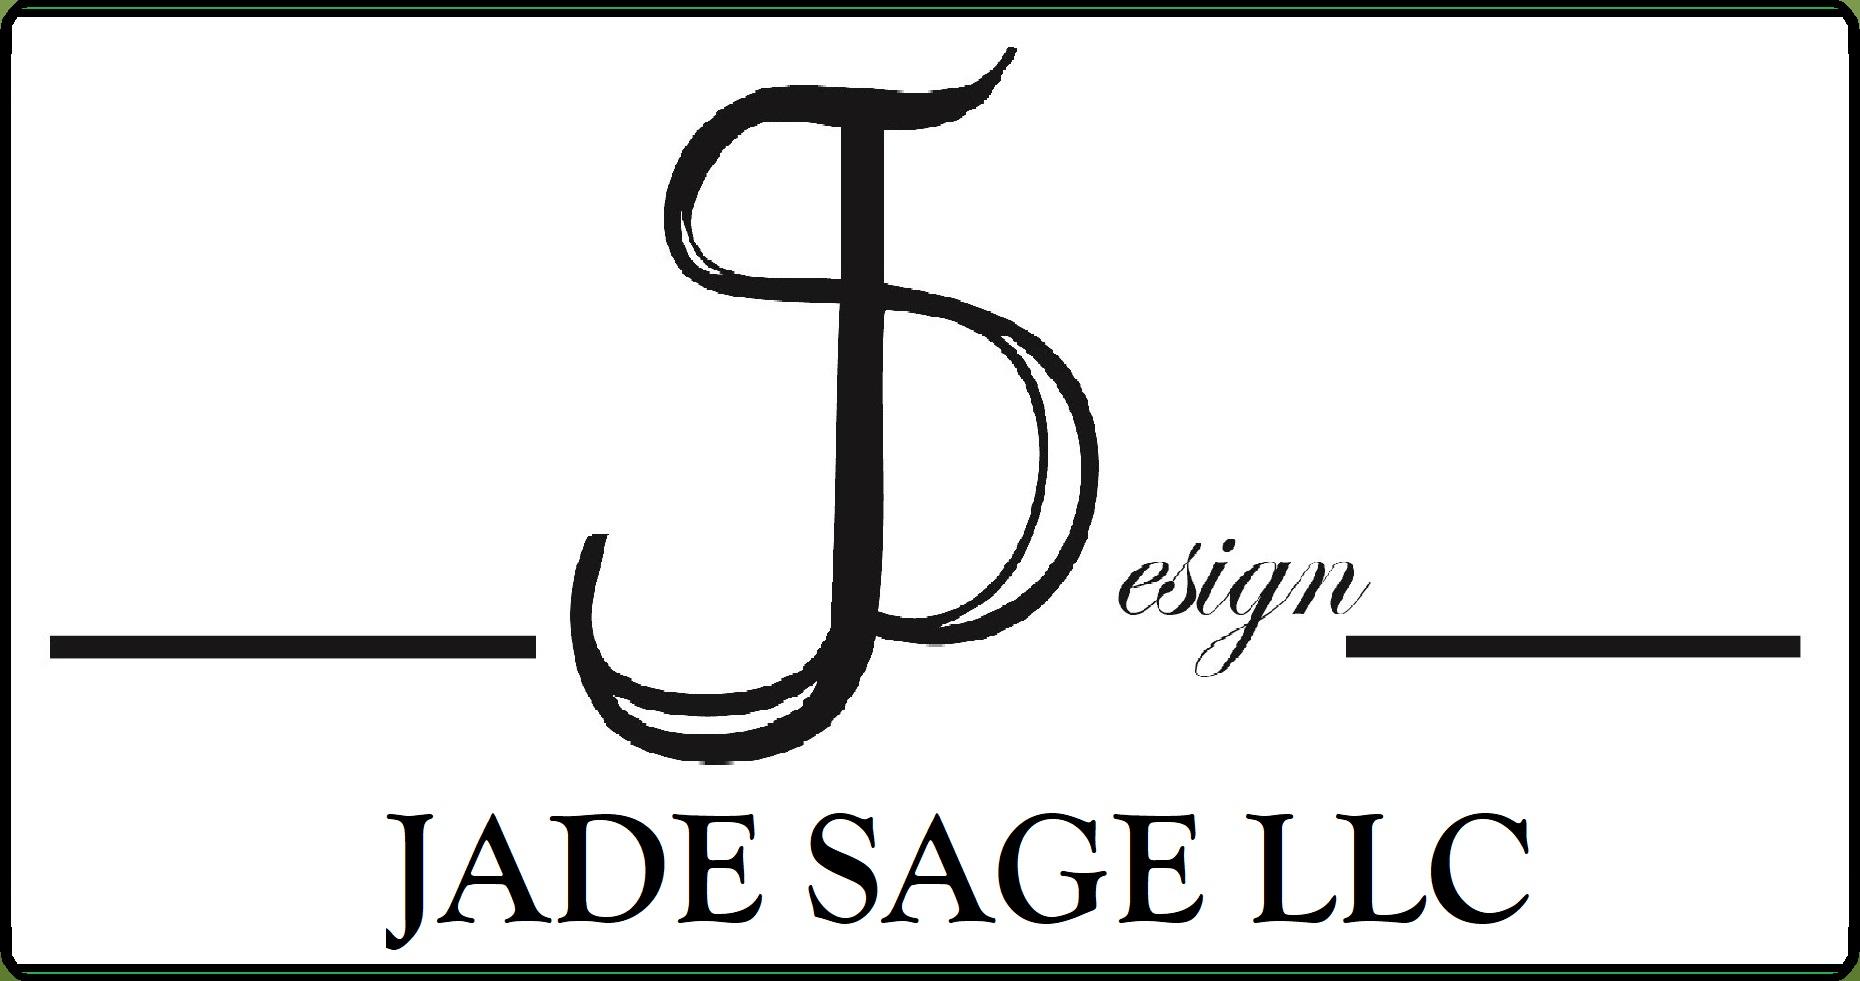 Jade Sage LLC